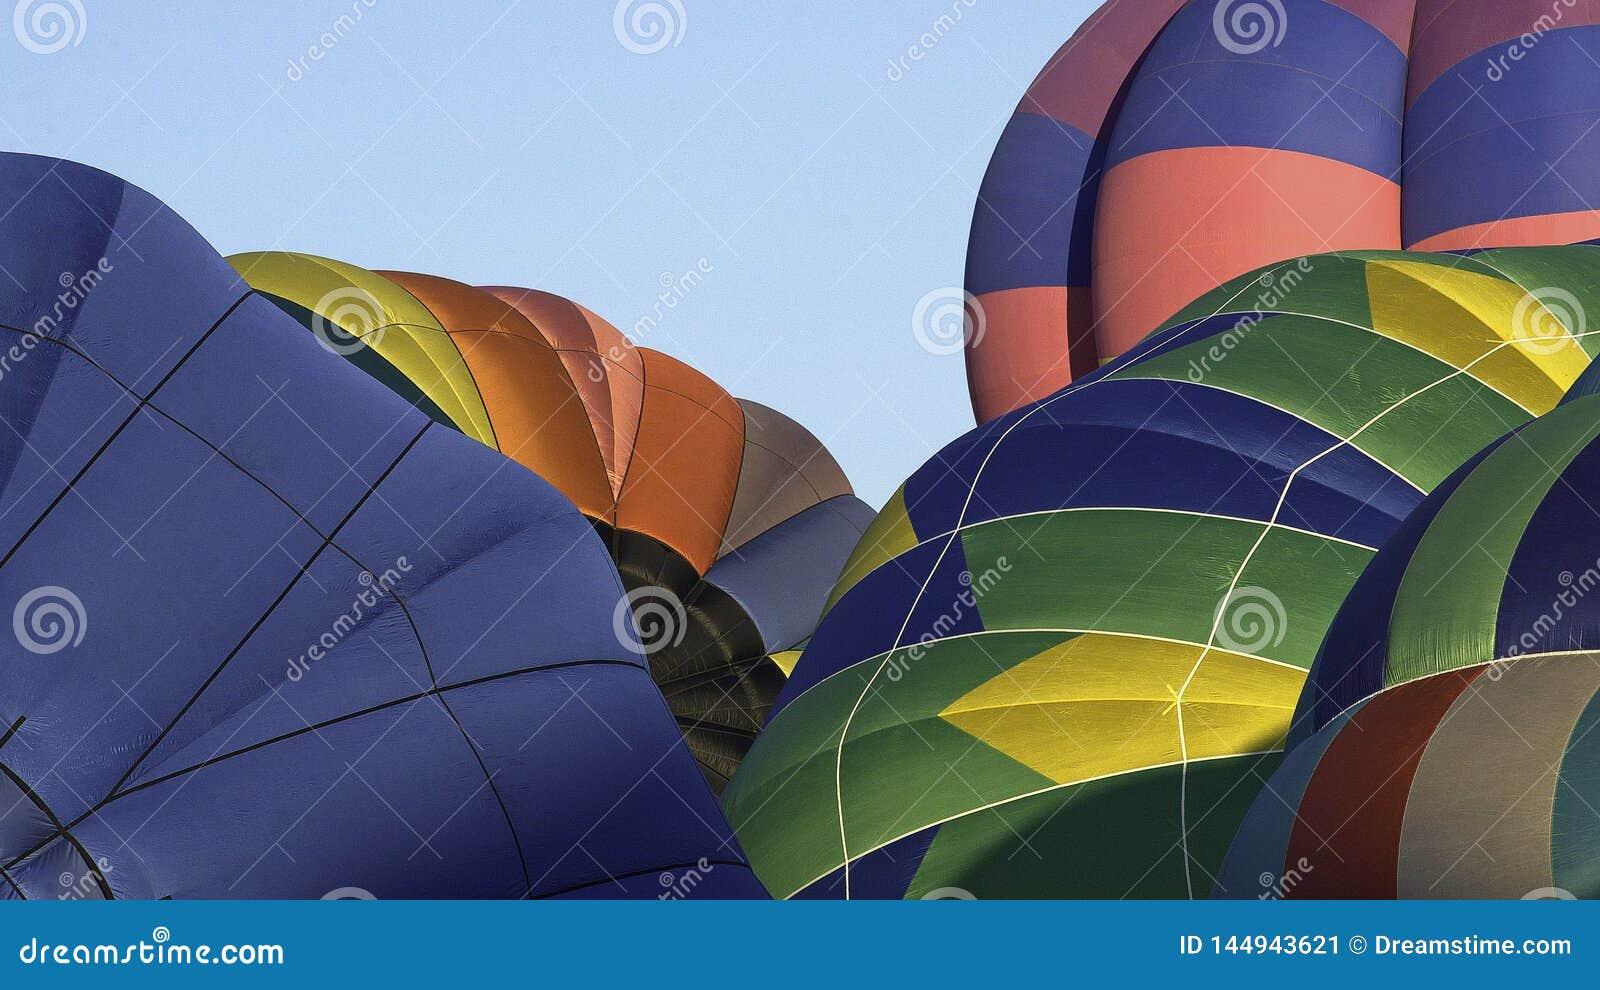 Globos en Reno Hot Air Balloon Races